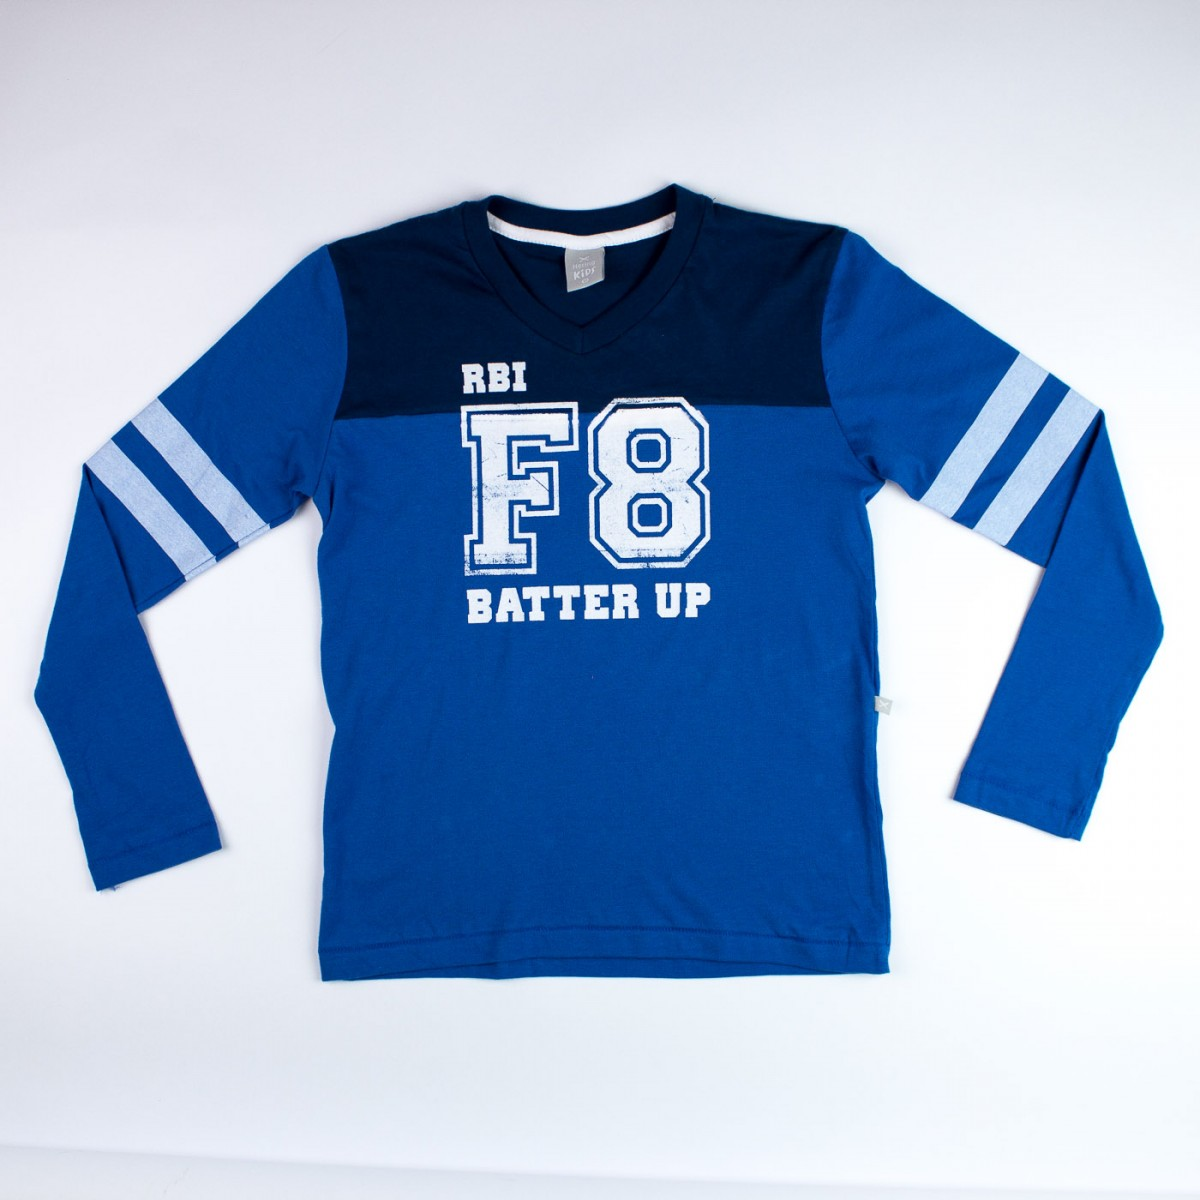 7f64d46d339d2 Bizz Store - Camiseta Infantil Masculina Hering Kids Decote V